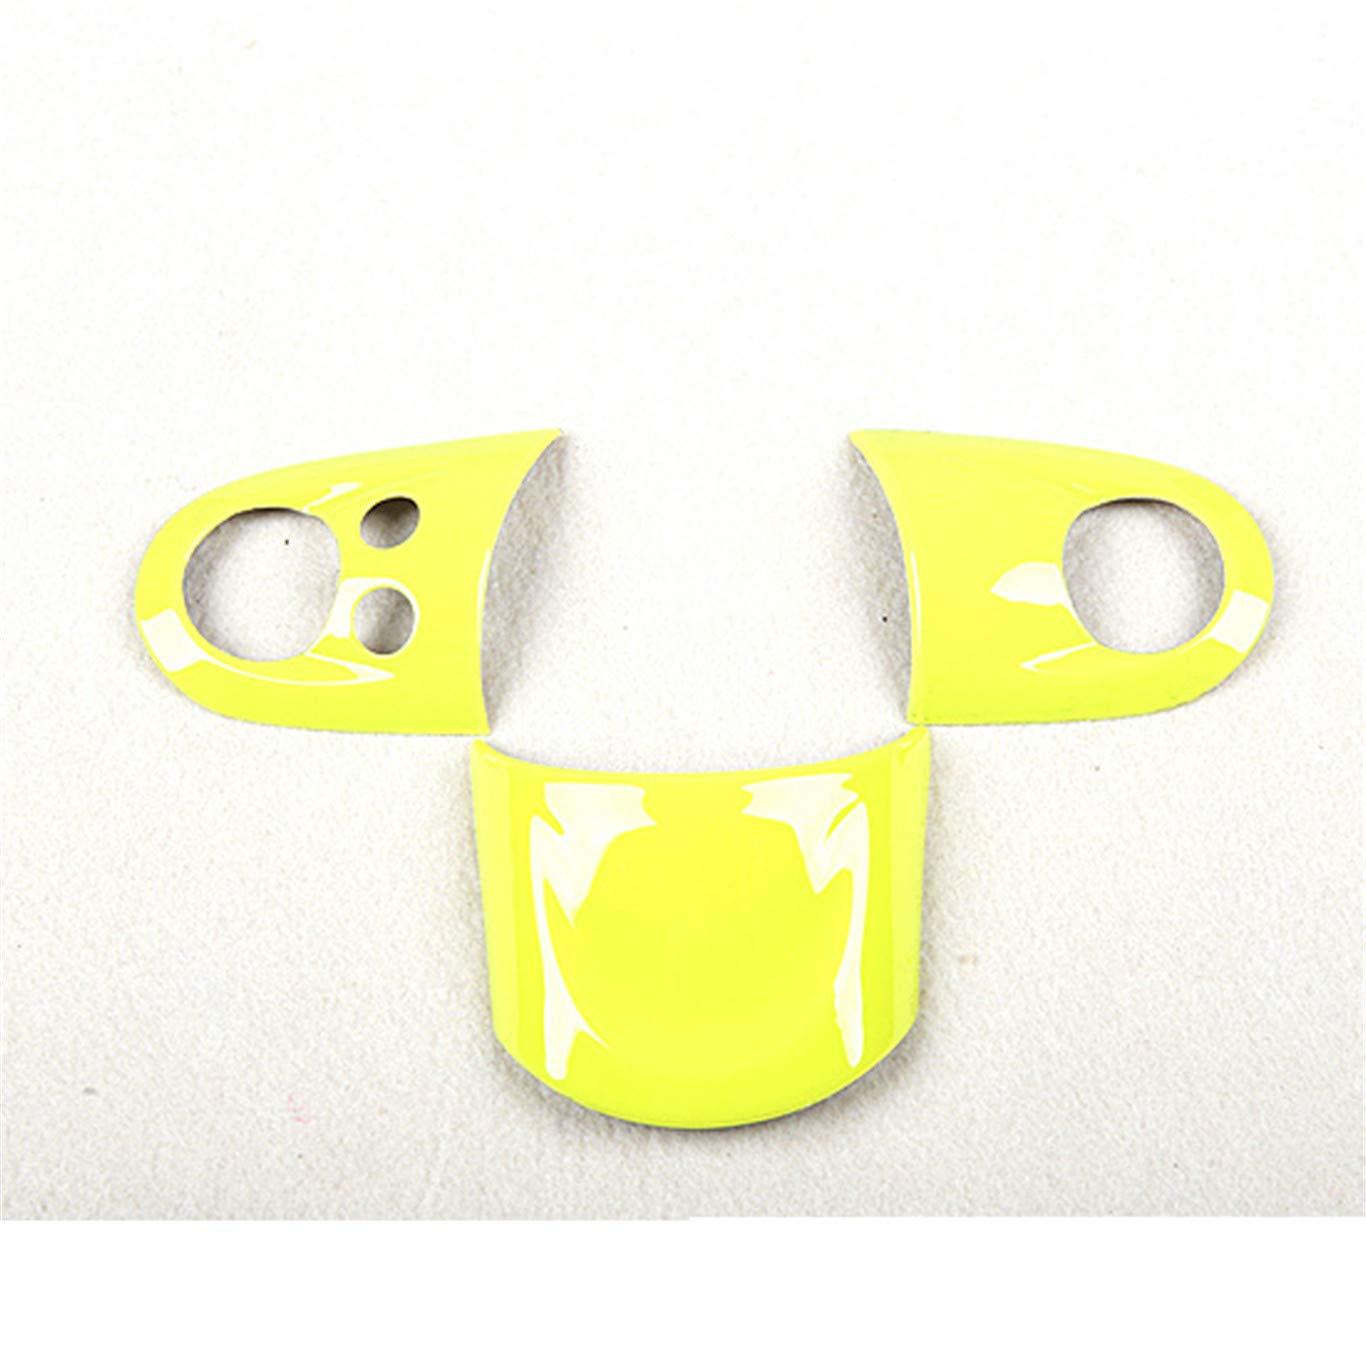 copristerzo copertura di ornamento acrilonitrile-butadiene-stirene HDX Coprivolante in ABS